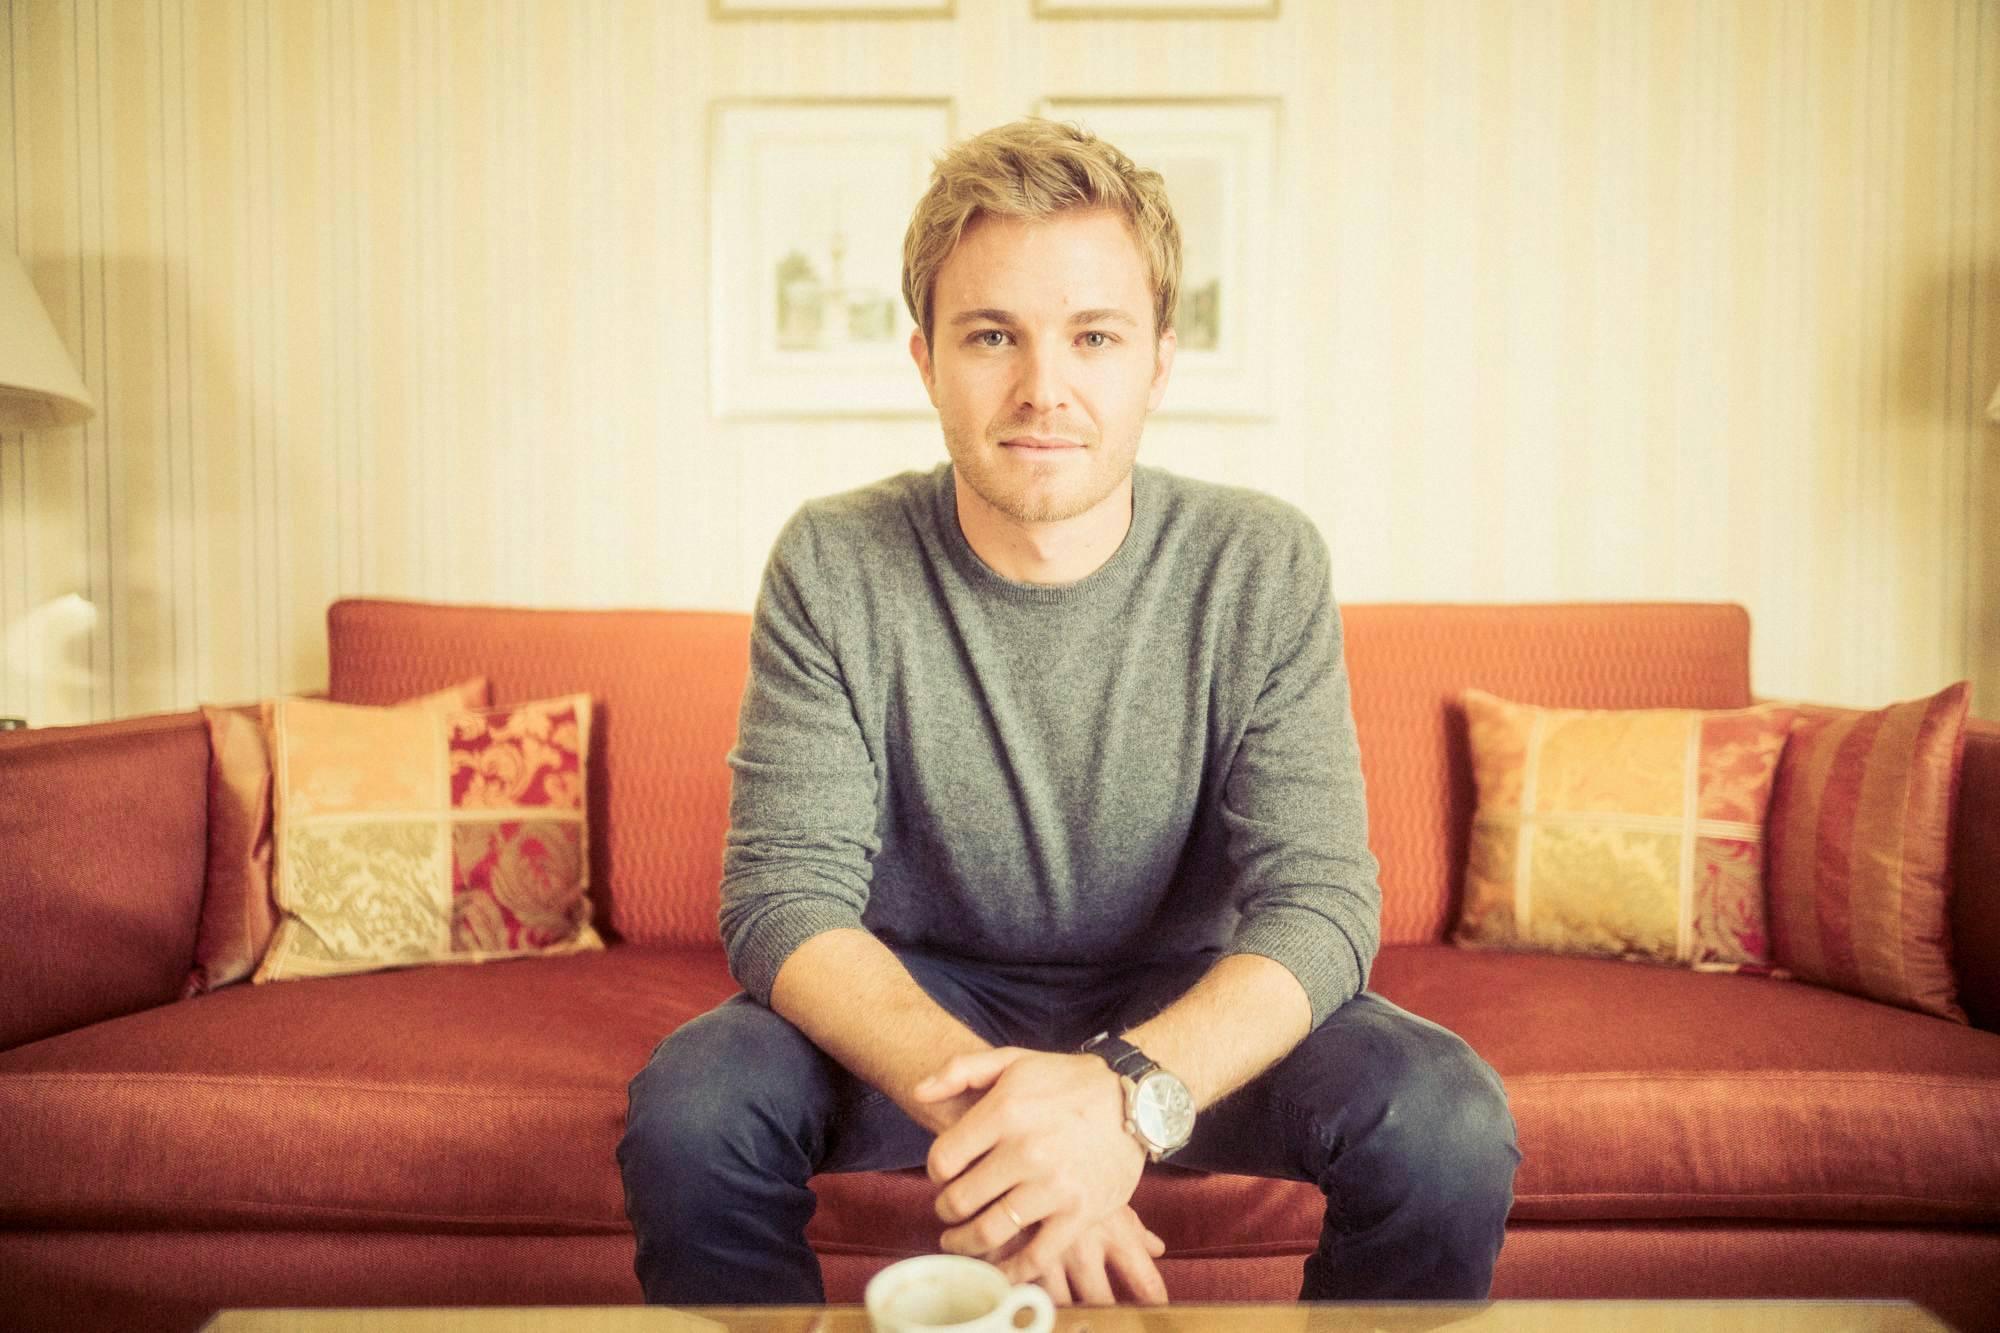 Nico Rosberg anunció su retiro de la Fórmula 1